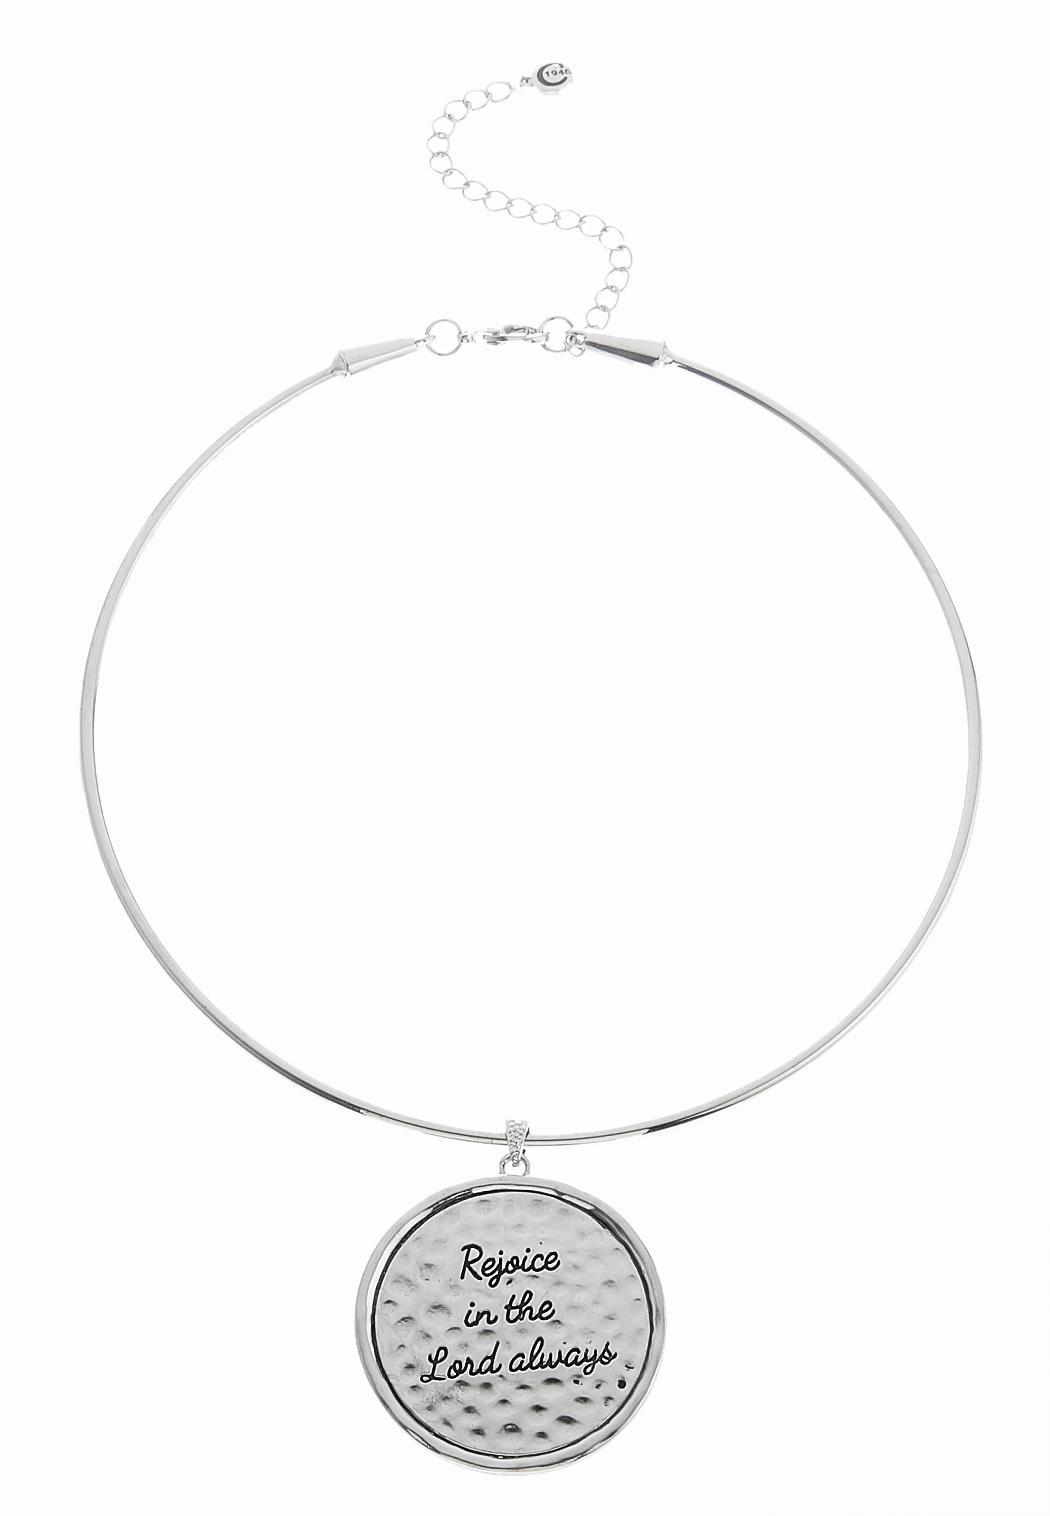 Inspirational hammered pendant necklace necklaces cato fashions inspirational hammered pendant necklace aloadofball Choice Image